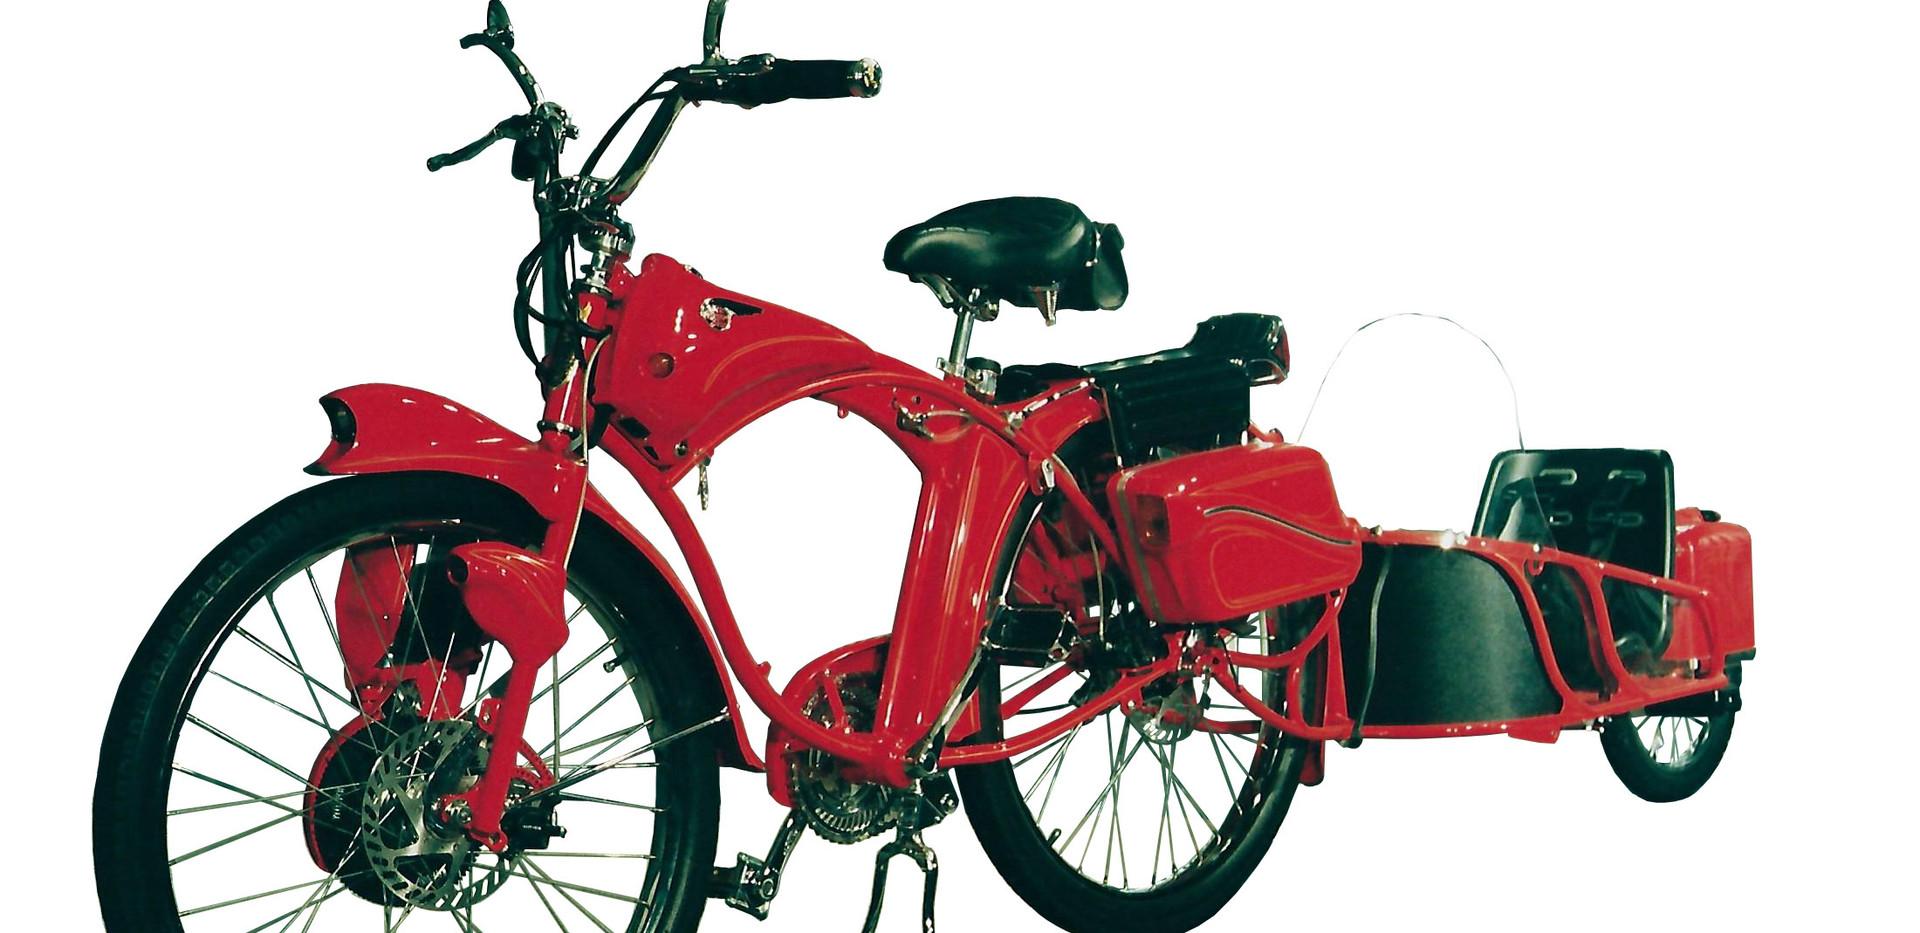 bike and trailer R2.jpg